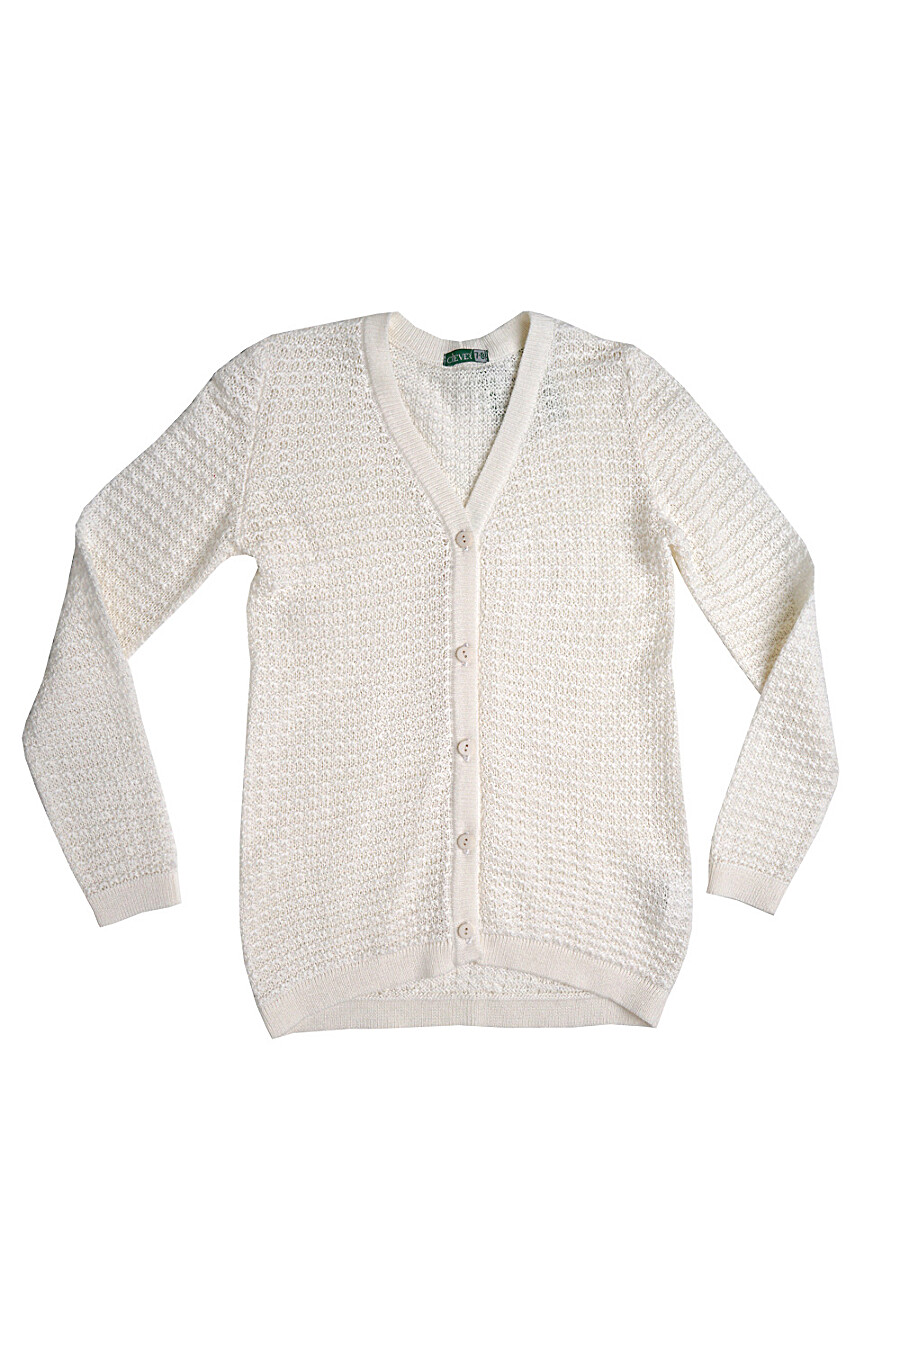 Кардиган для девочек CLEVER 155095 купить оптом от производителя. Совместная покупка детской одежды в OptMoyo